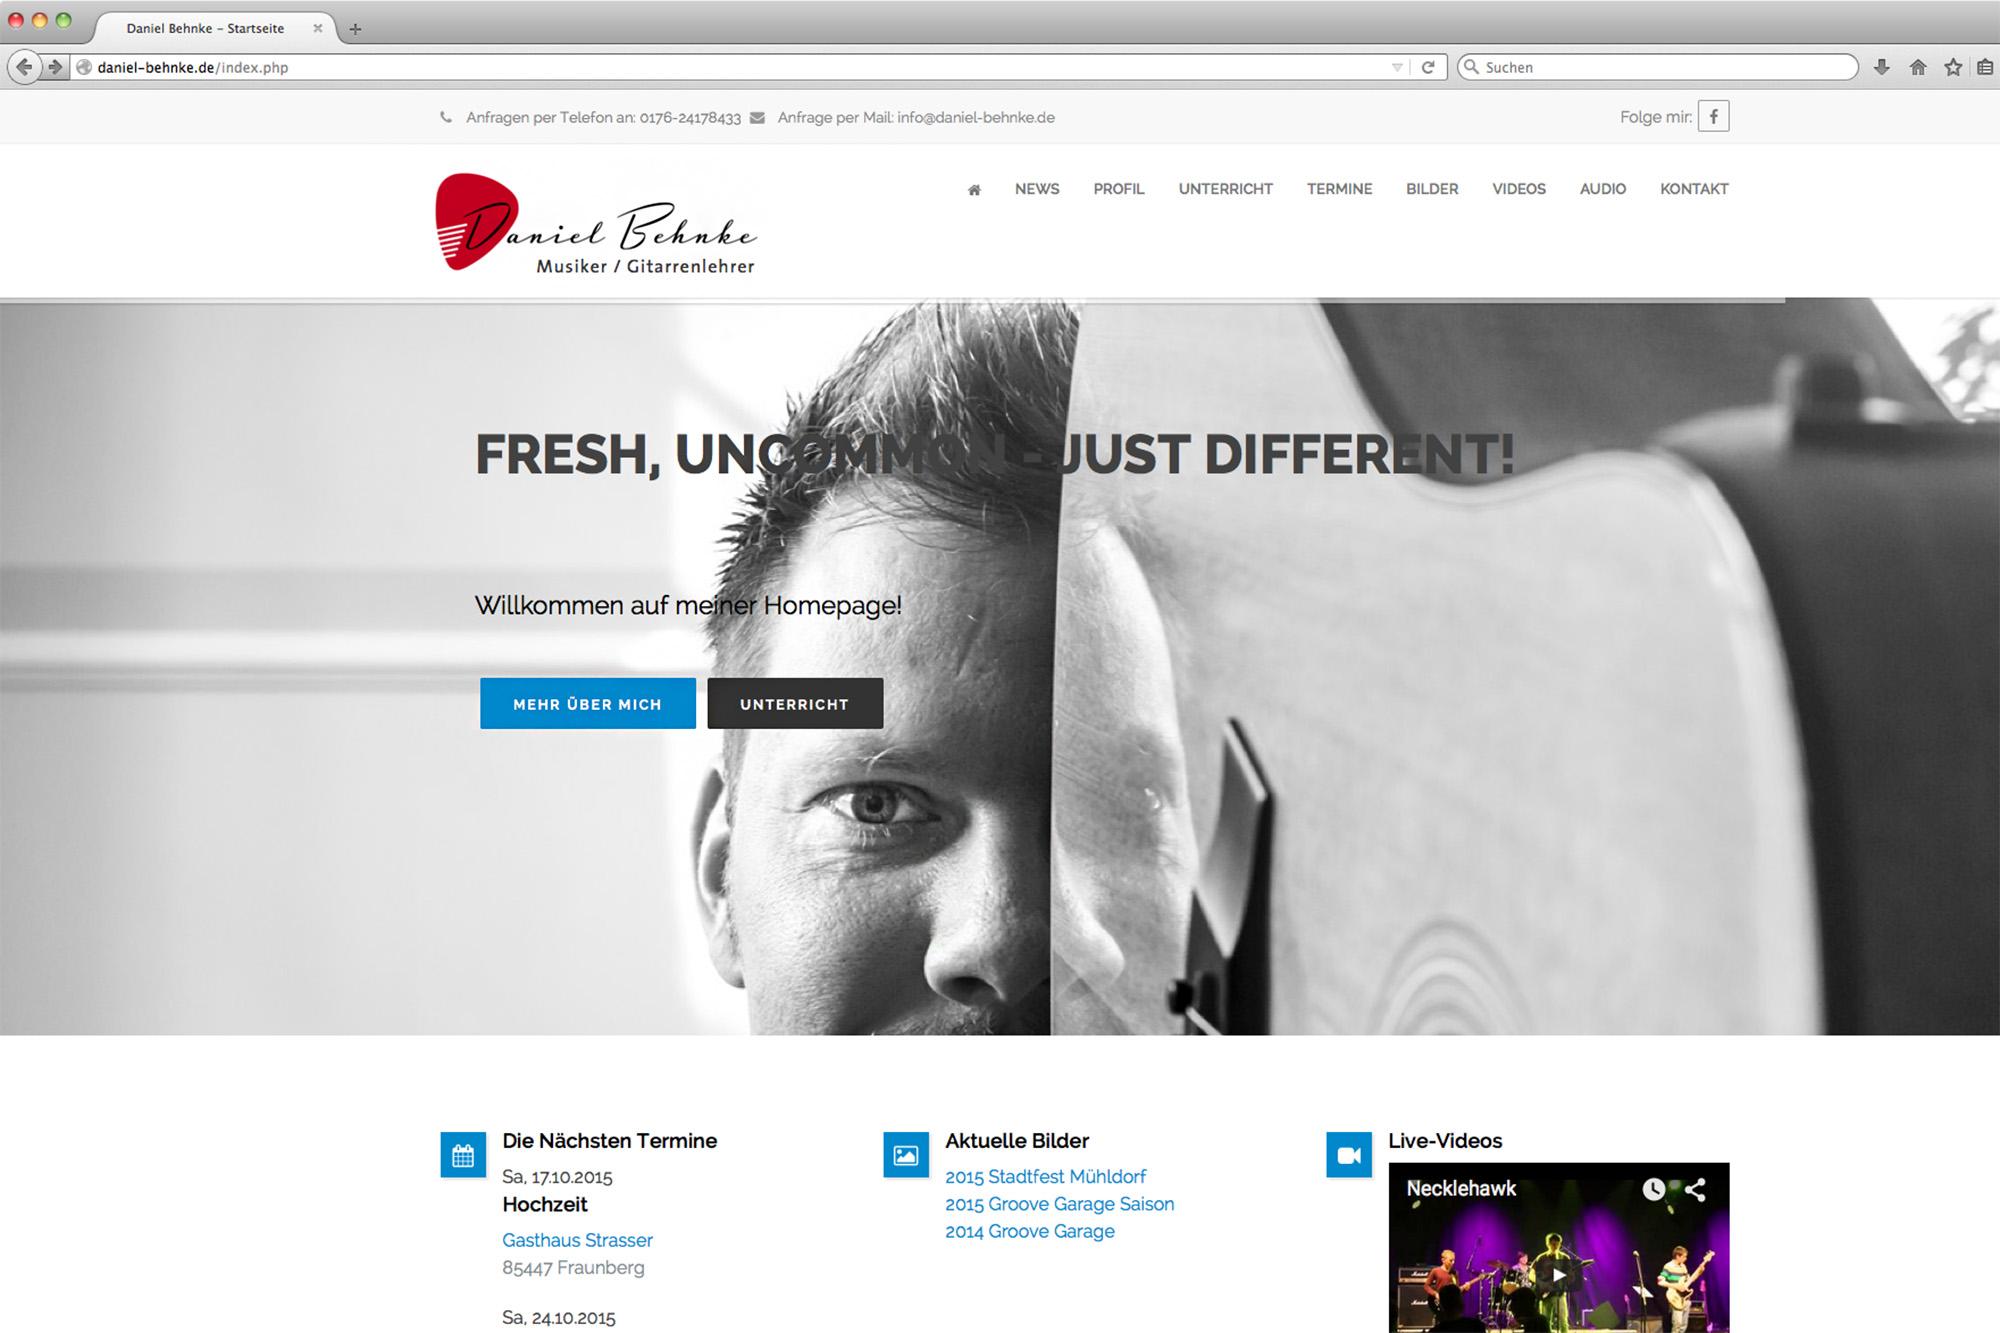 db_website.jpg